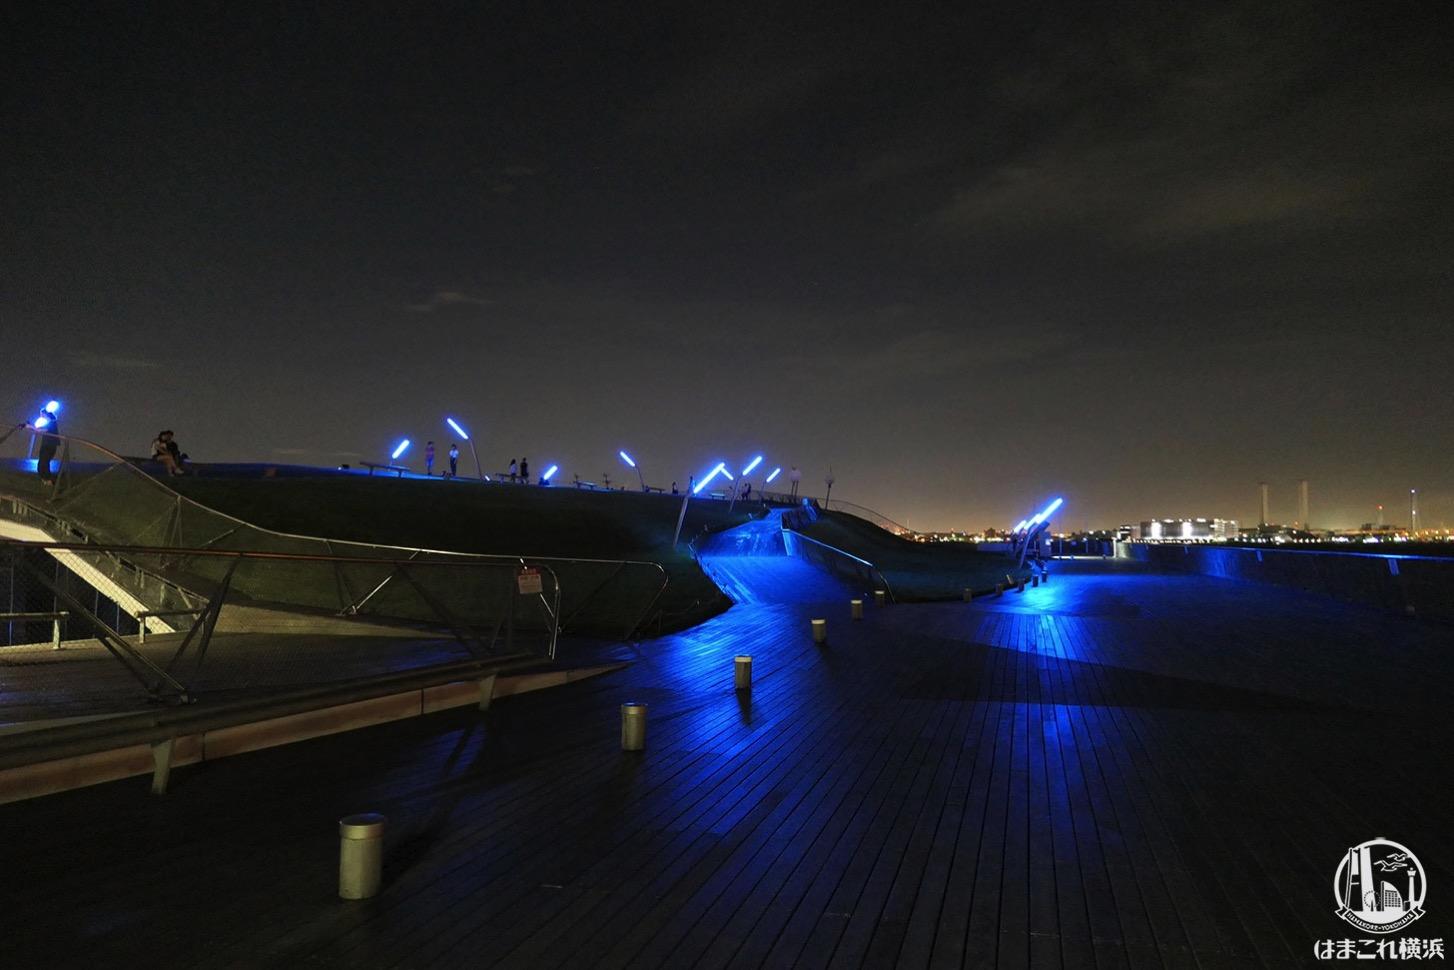 横浜港大さん橋国際客船ターミナル 屋上の夜景